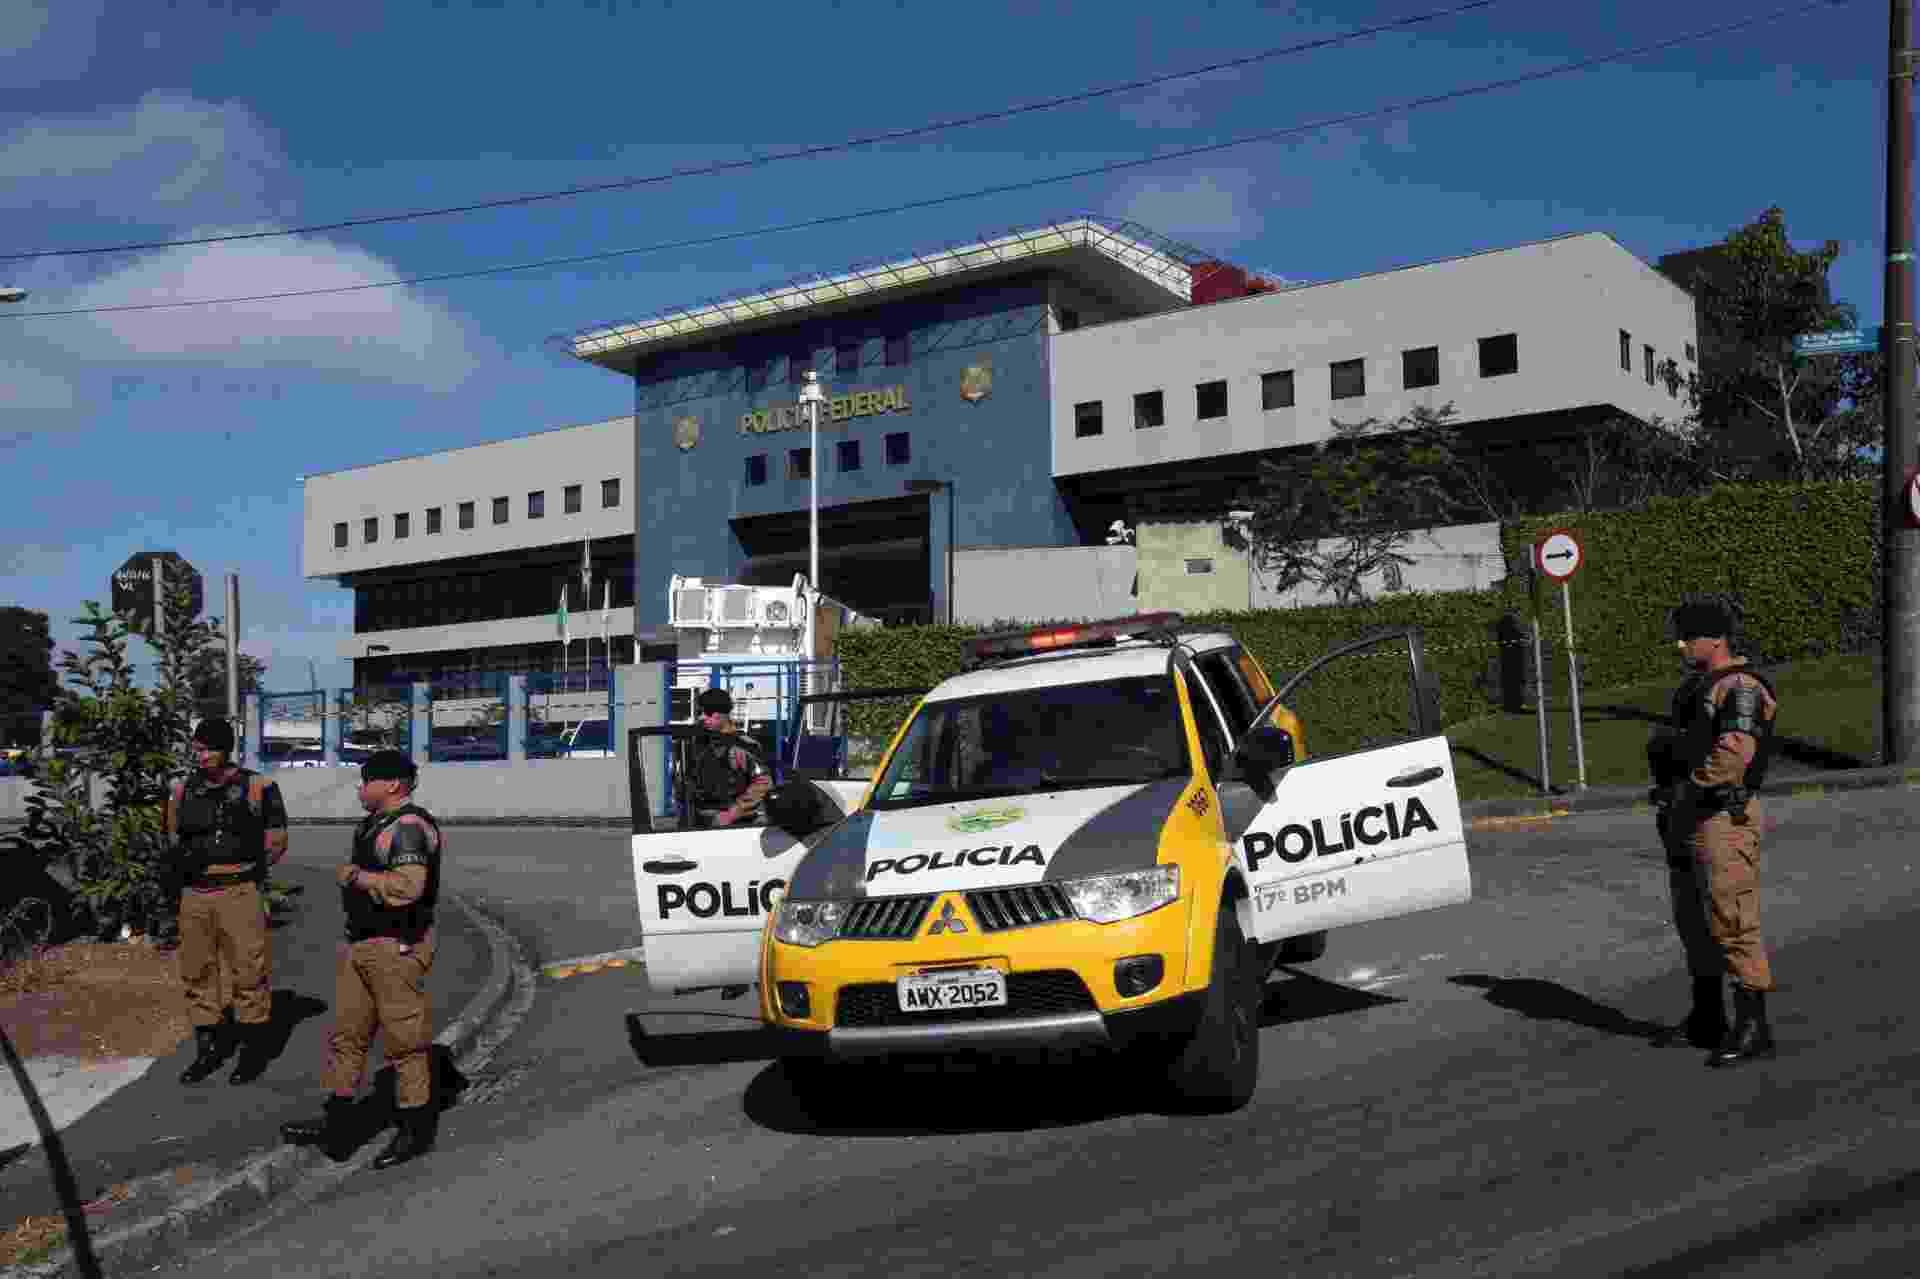 8.abr.2018 - A Polícia Militar isolou neste domingo a área da Superintendência da Polícia Federal em Curitiba, onde o ex-presidente Luiz Inácio Lula da Silva (PT) passou a primeira noite preso - J.F.Diorio/Estadão Conteúdo